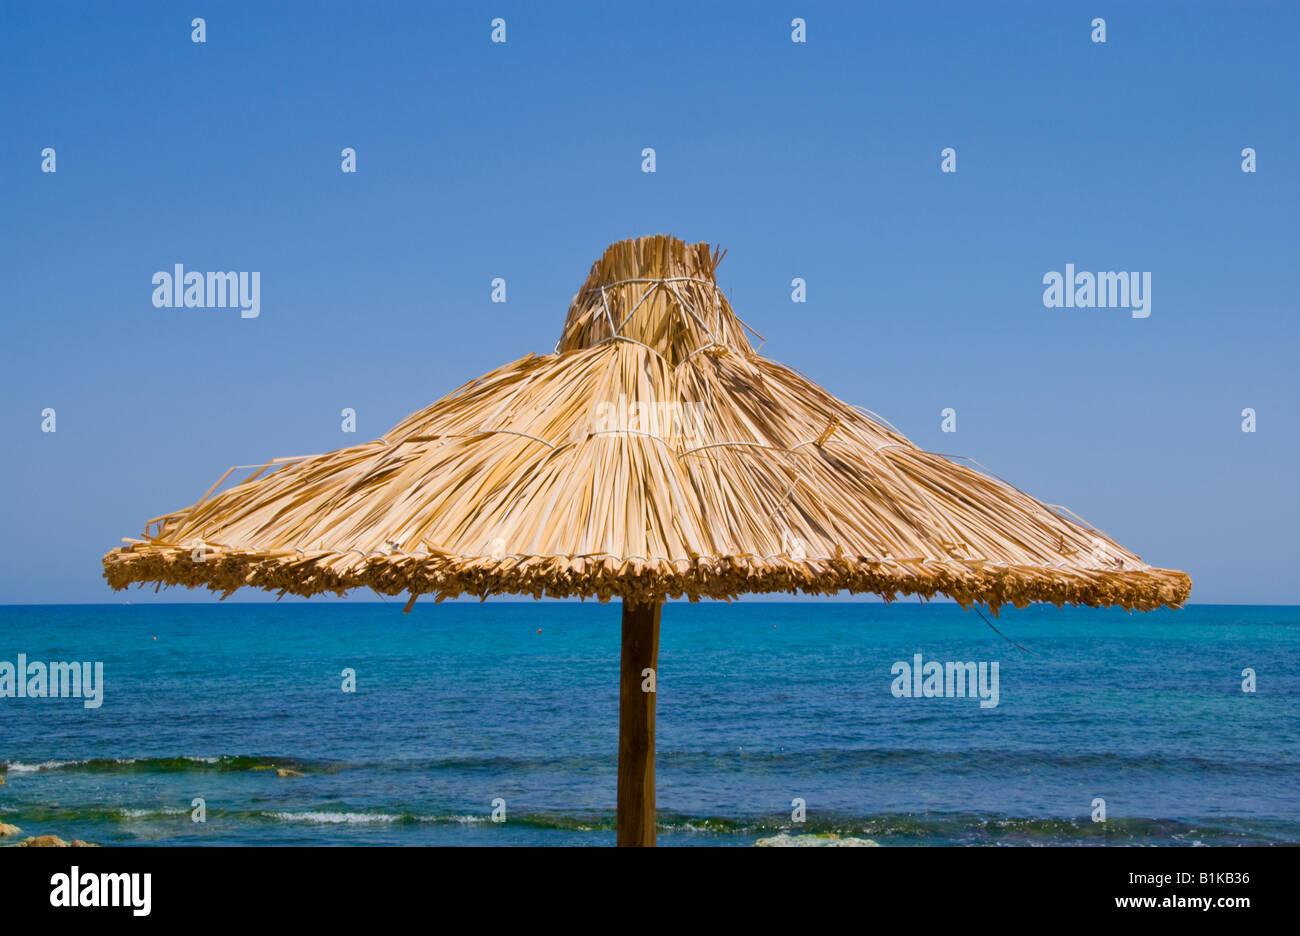 Ombrelloni Di Paglia Vendita.Creta Spiaggia Ombrelloni Di Paglia Sulla Spiaggia Di Malia Sul